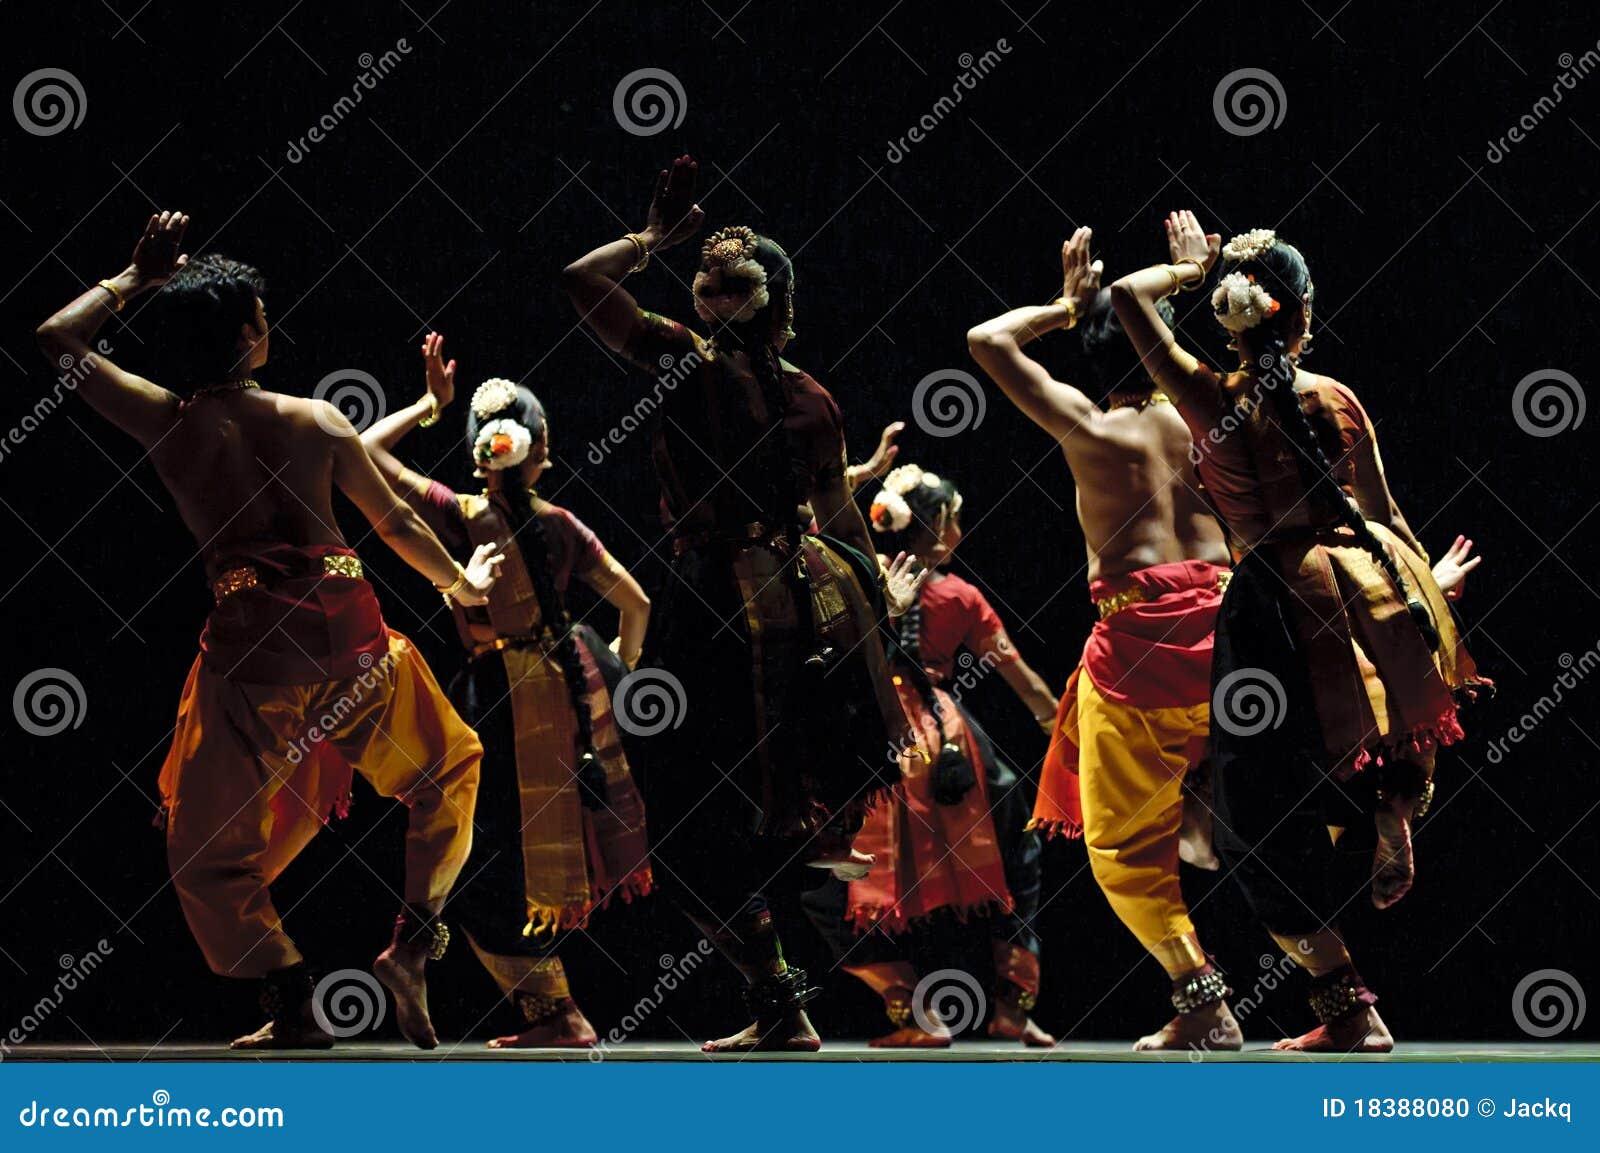 Индийское представление фольклорной танцульки